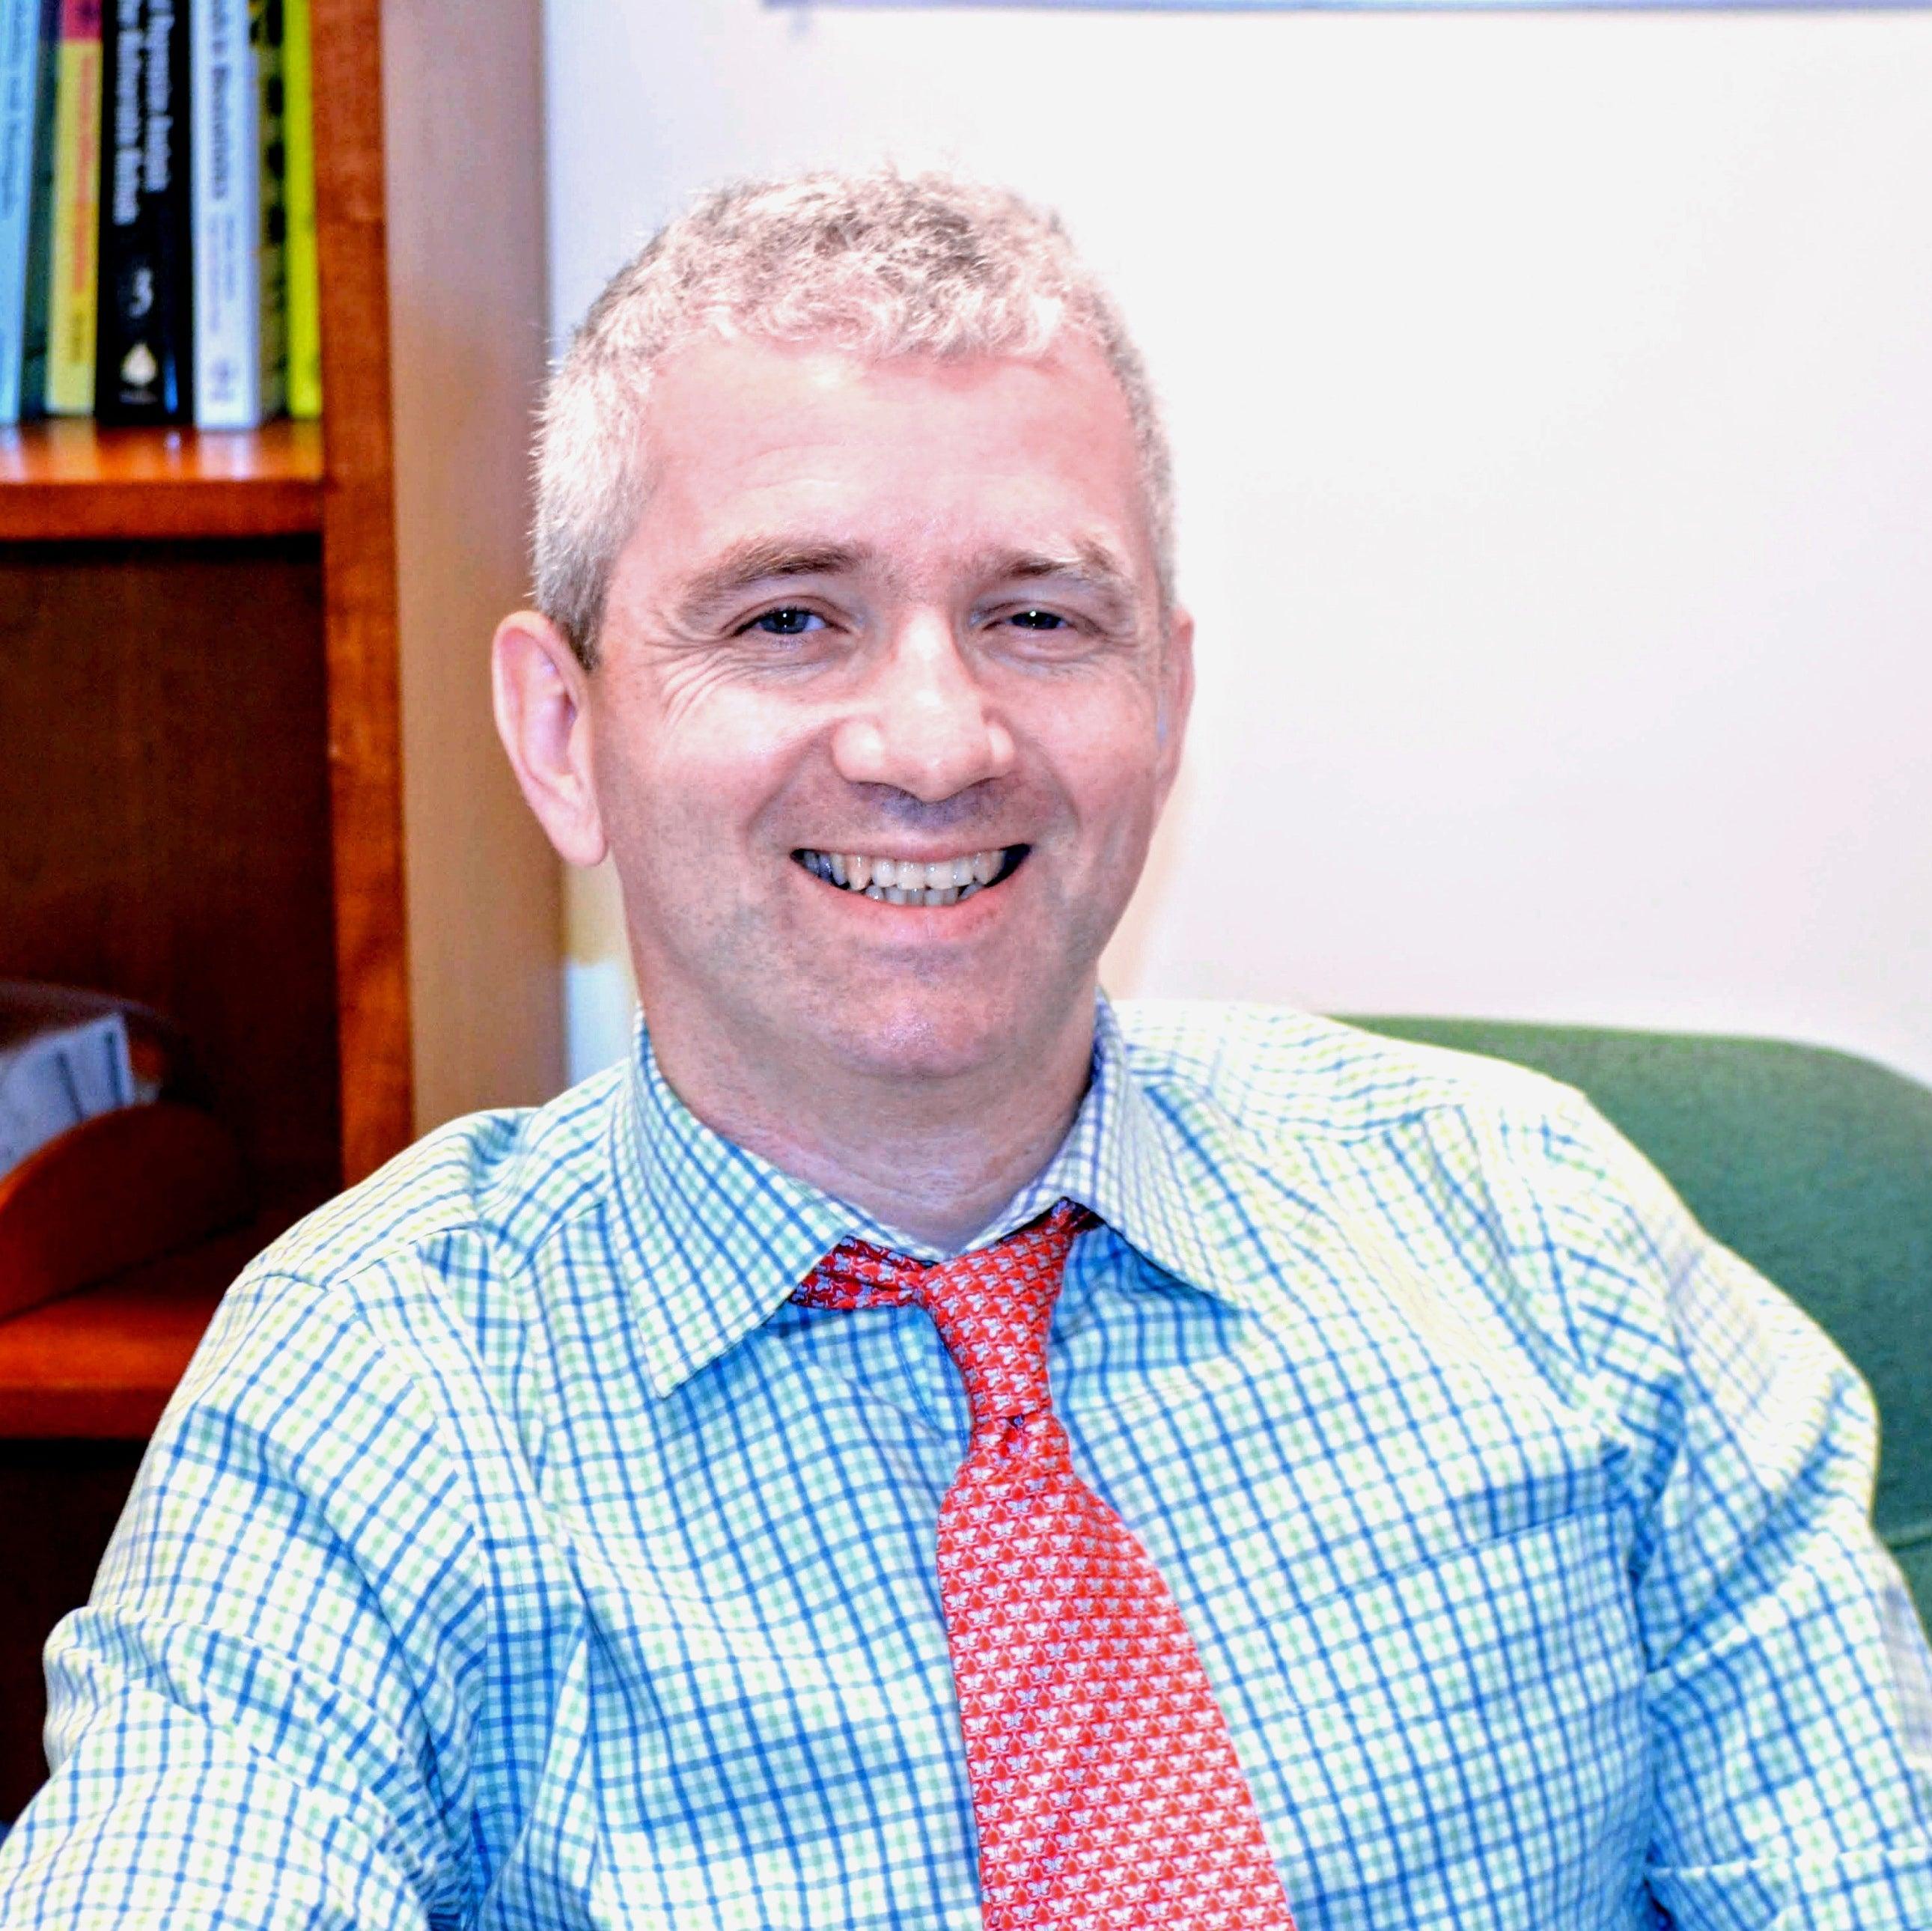 Headshot of Valeriy Korostyshevskiy sitting in his office.